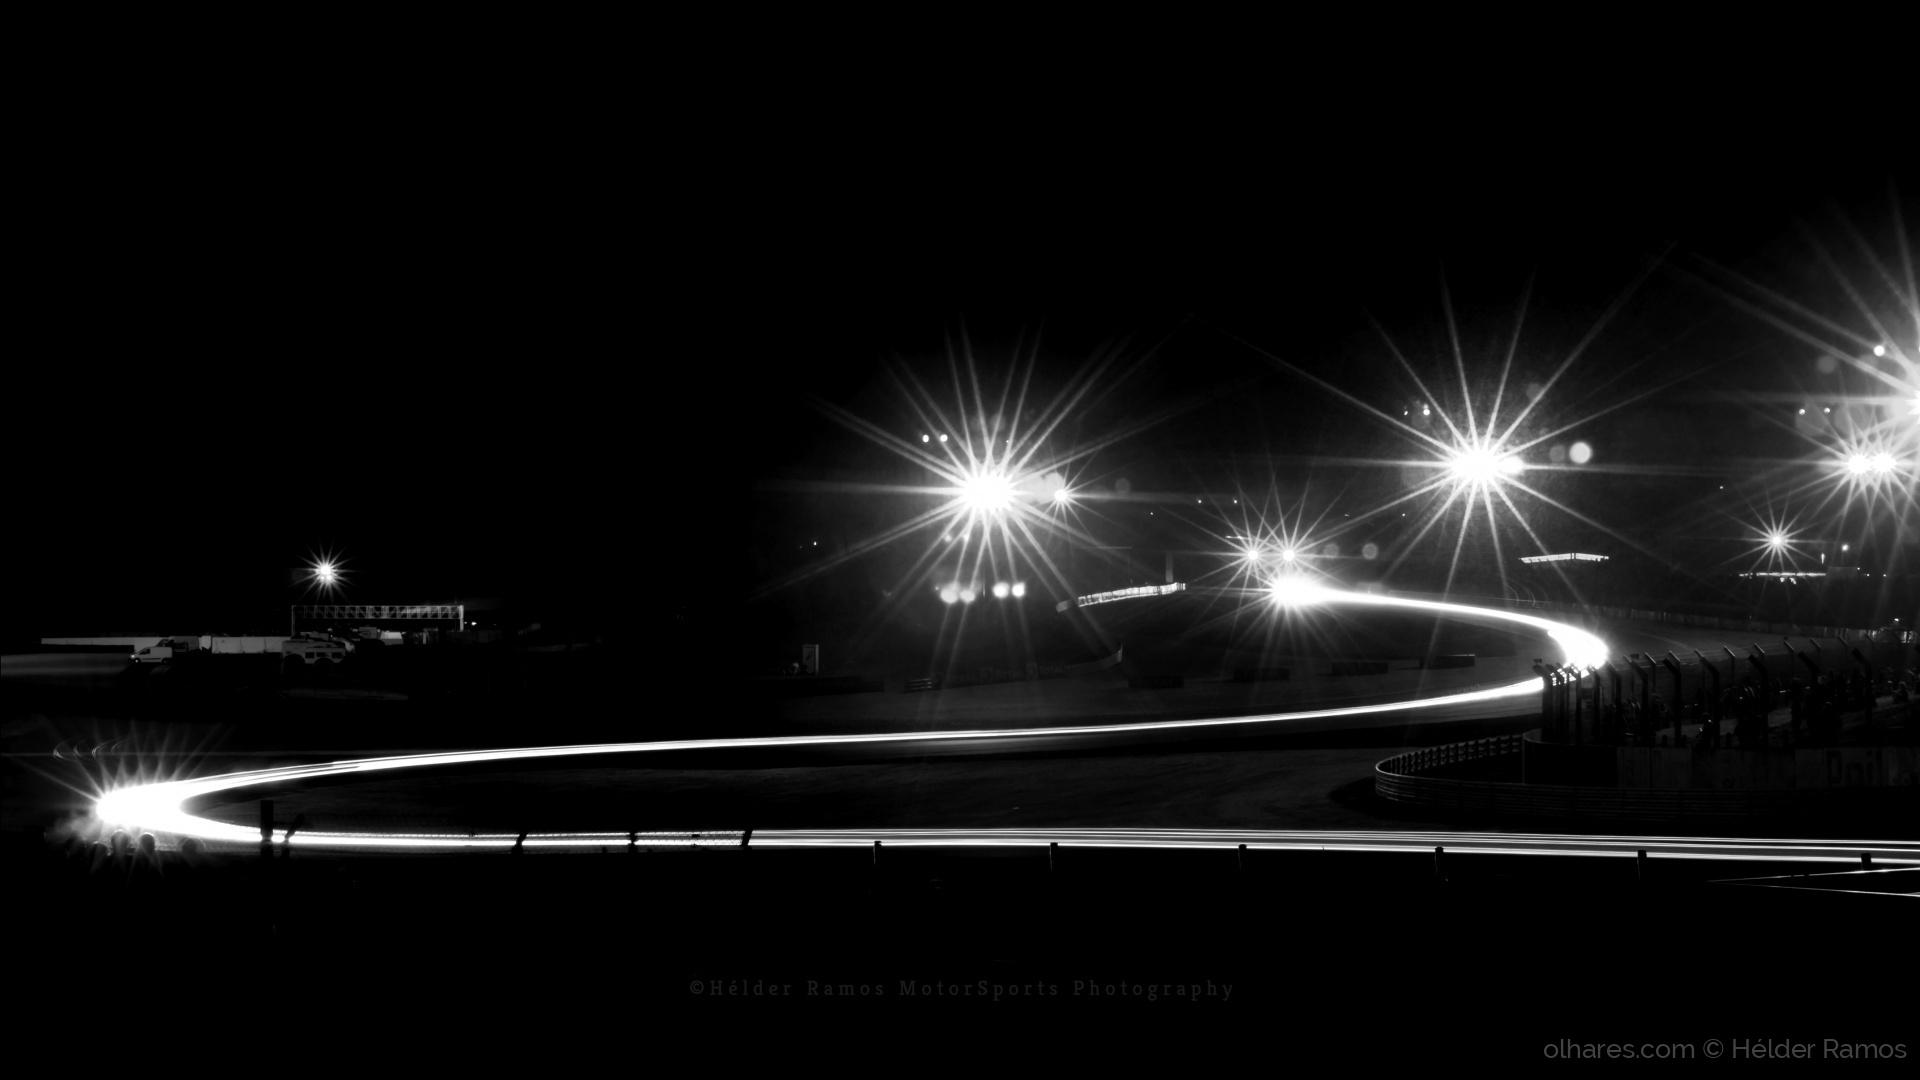 Desporto e Ação/La magie de la nuit au Le Mans